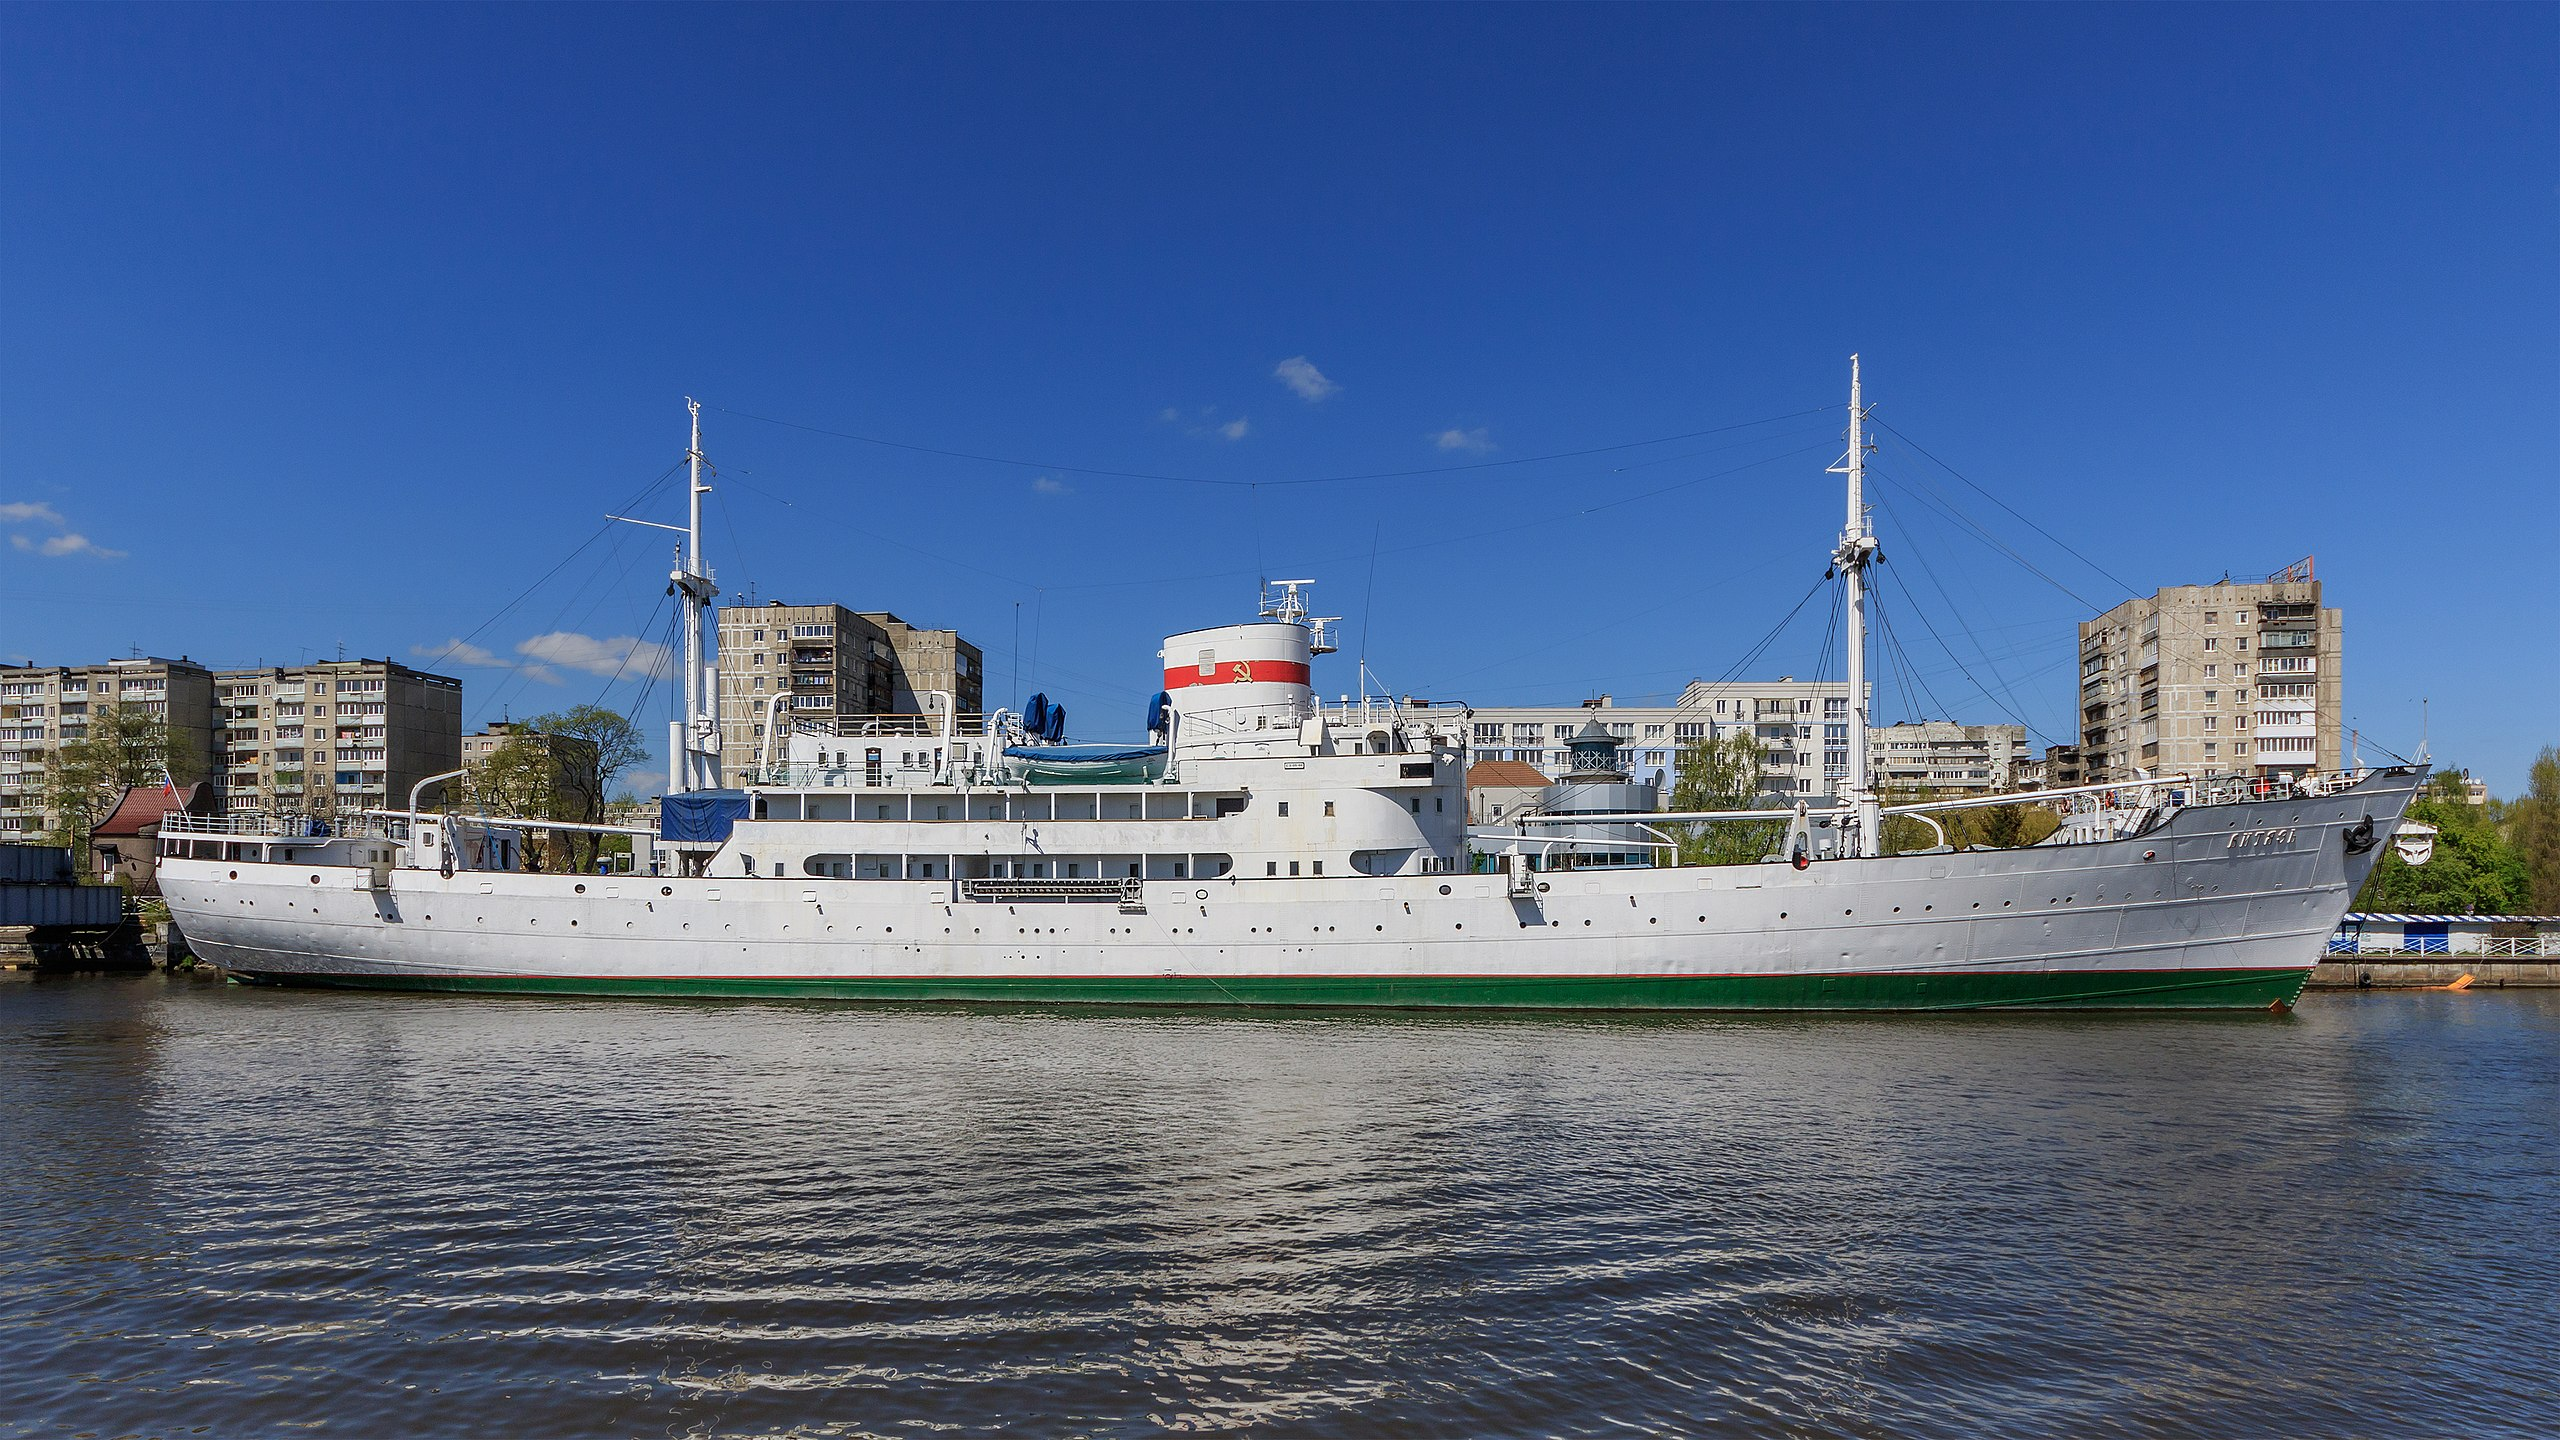 Научно-исследовательское судно «Витязь» около Музея мирового океана в Калининграде (Россия)